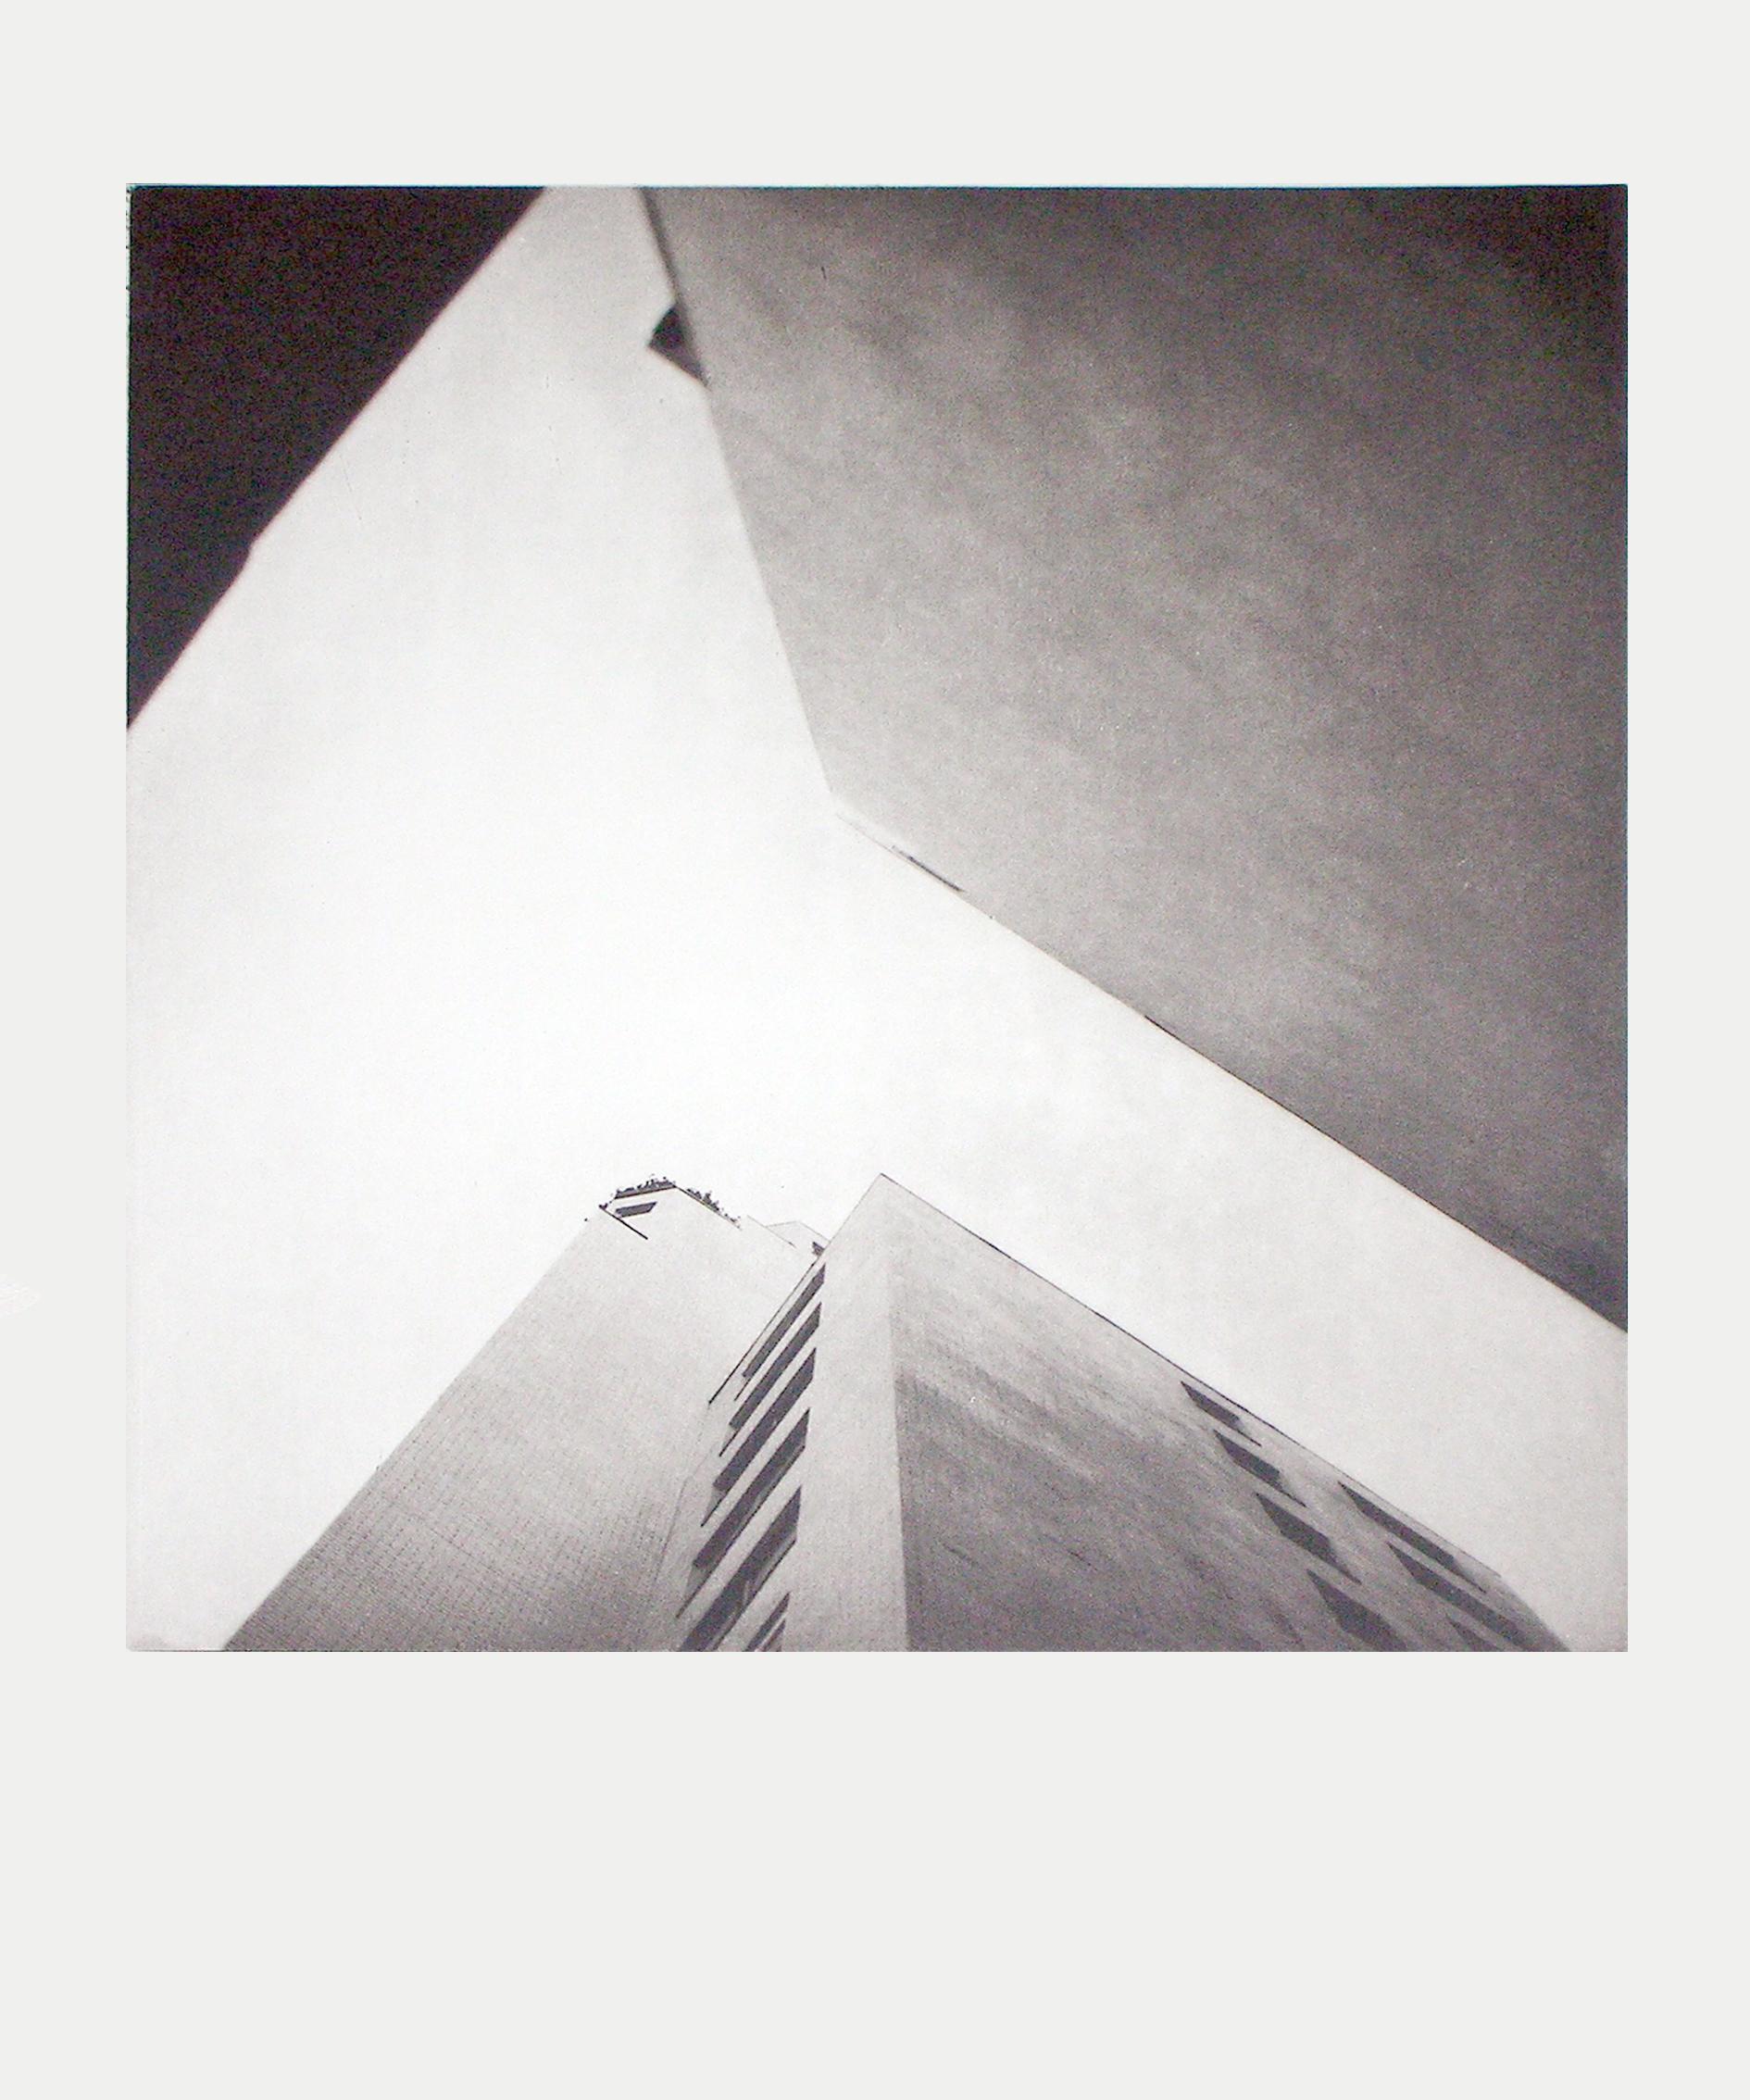 Nombres propios (Malena),  2007